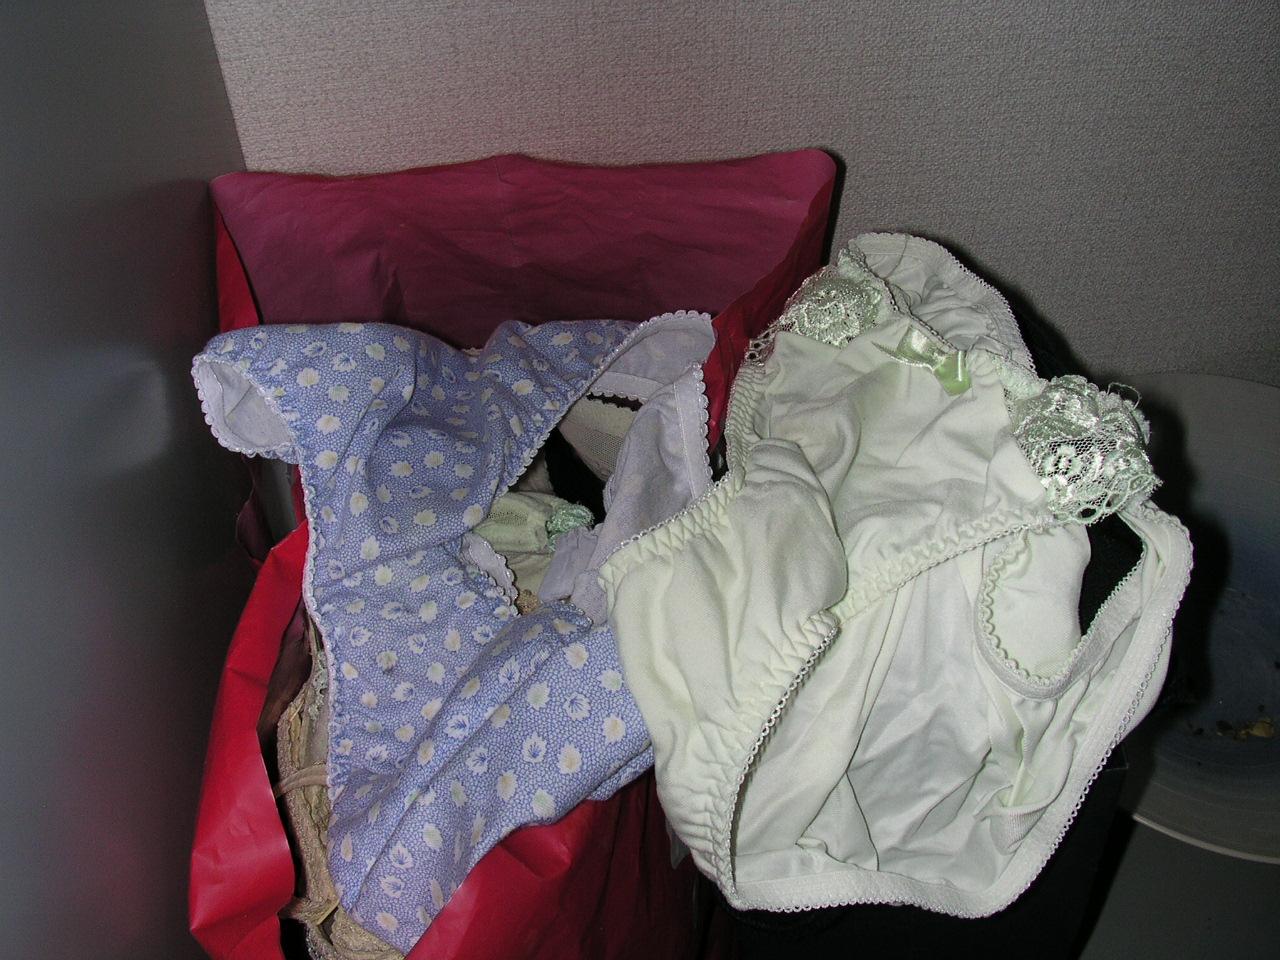 初潮を迎えたjc妹のタンスの中の下着盗撮エロ画像14枚目